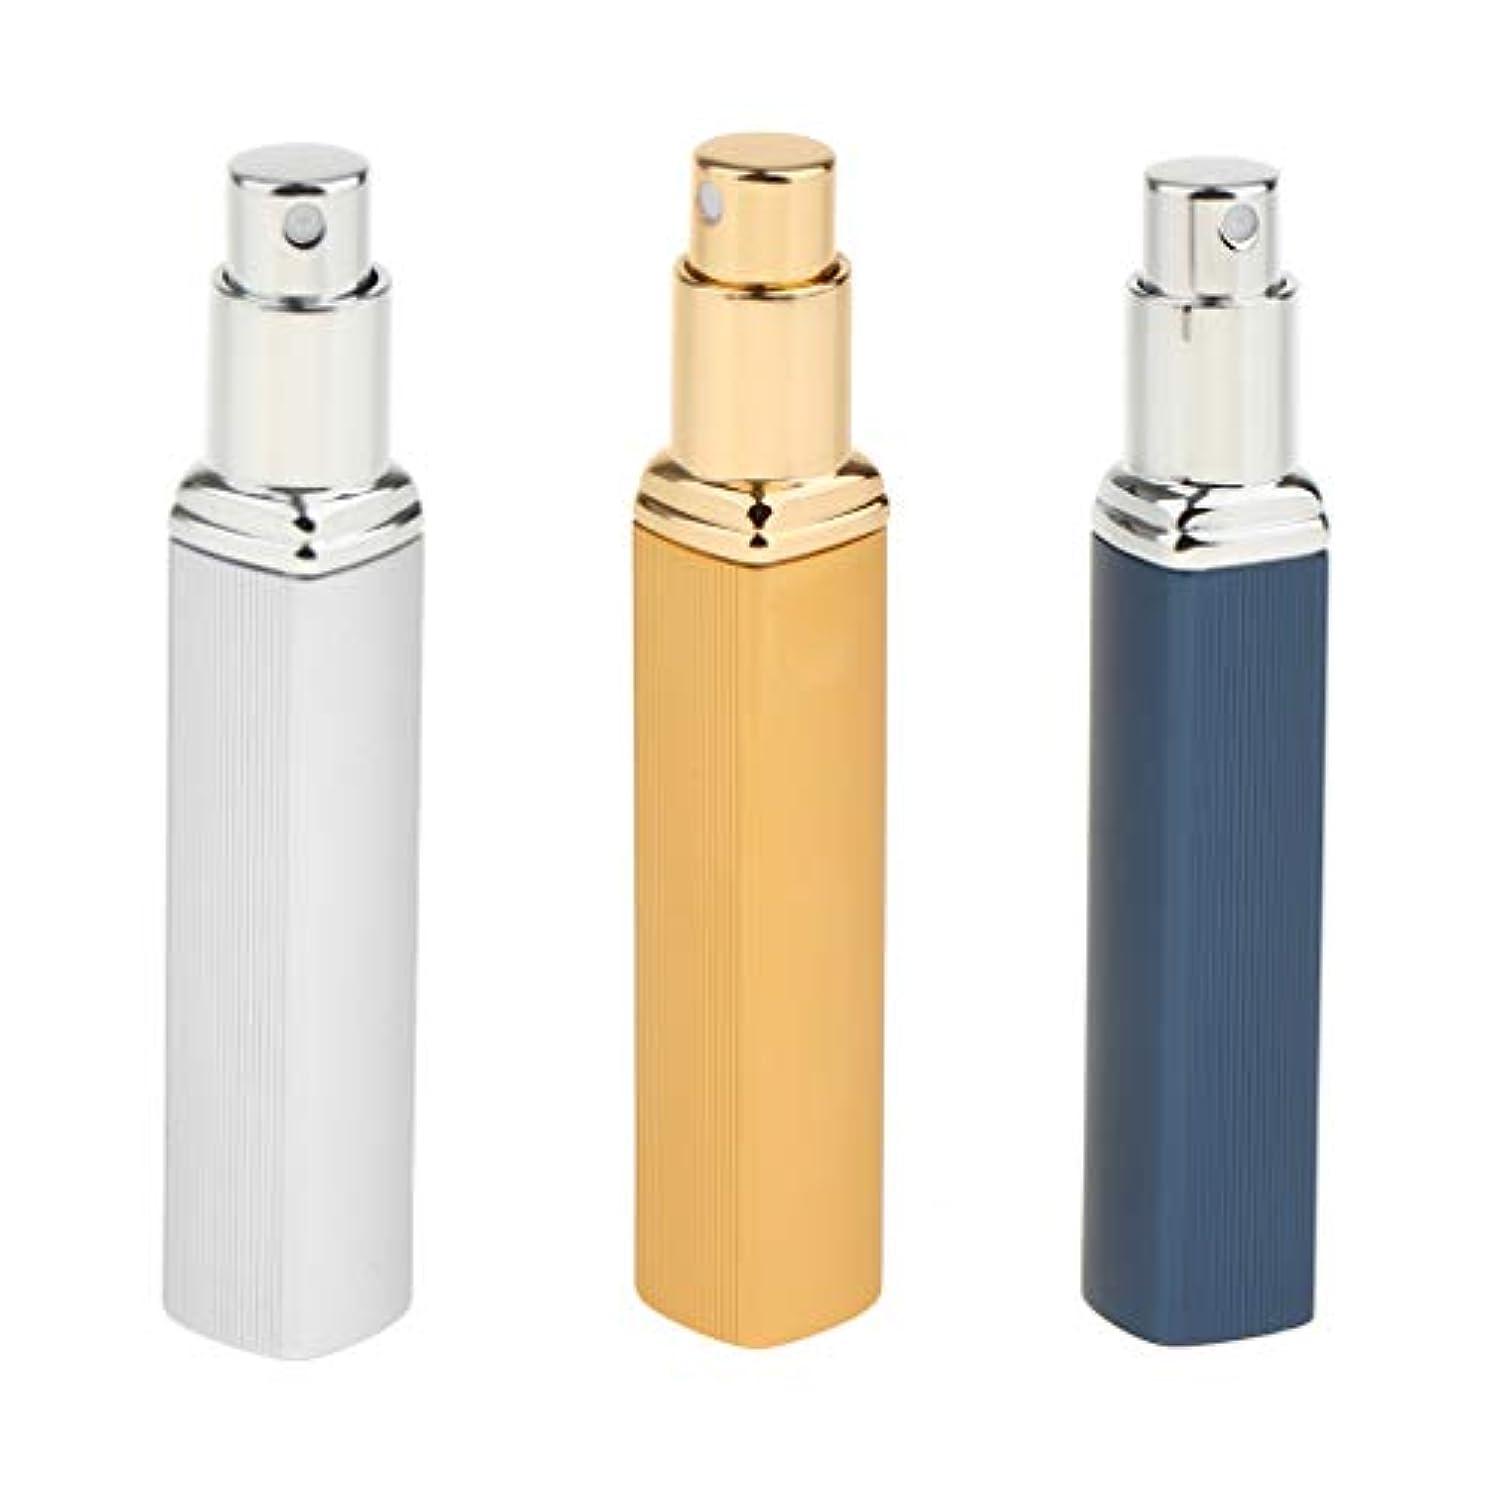 カーフこの断言するchiwanji 3個入 10ml スプレーボトル 空 霧吹き アトマイザー スプレー容器 香水スプレー 詰め替え容器